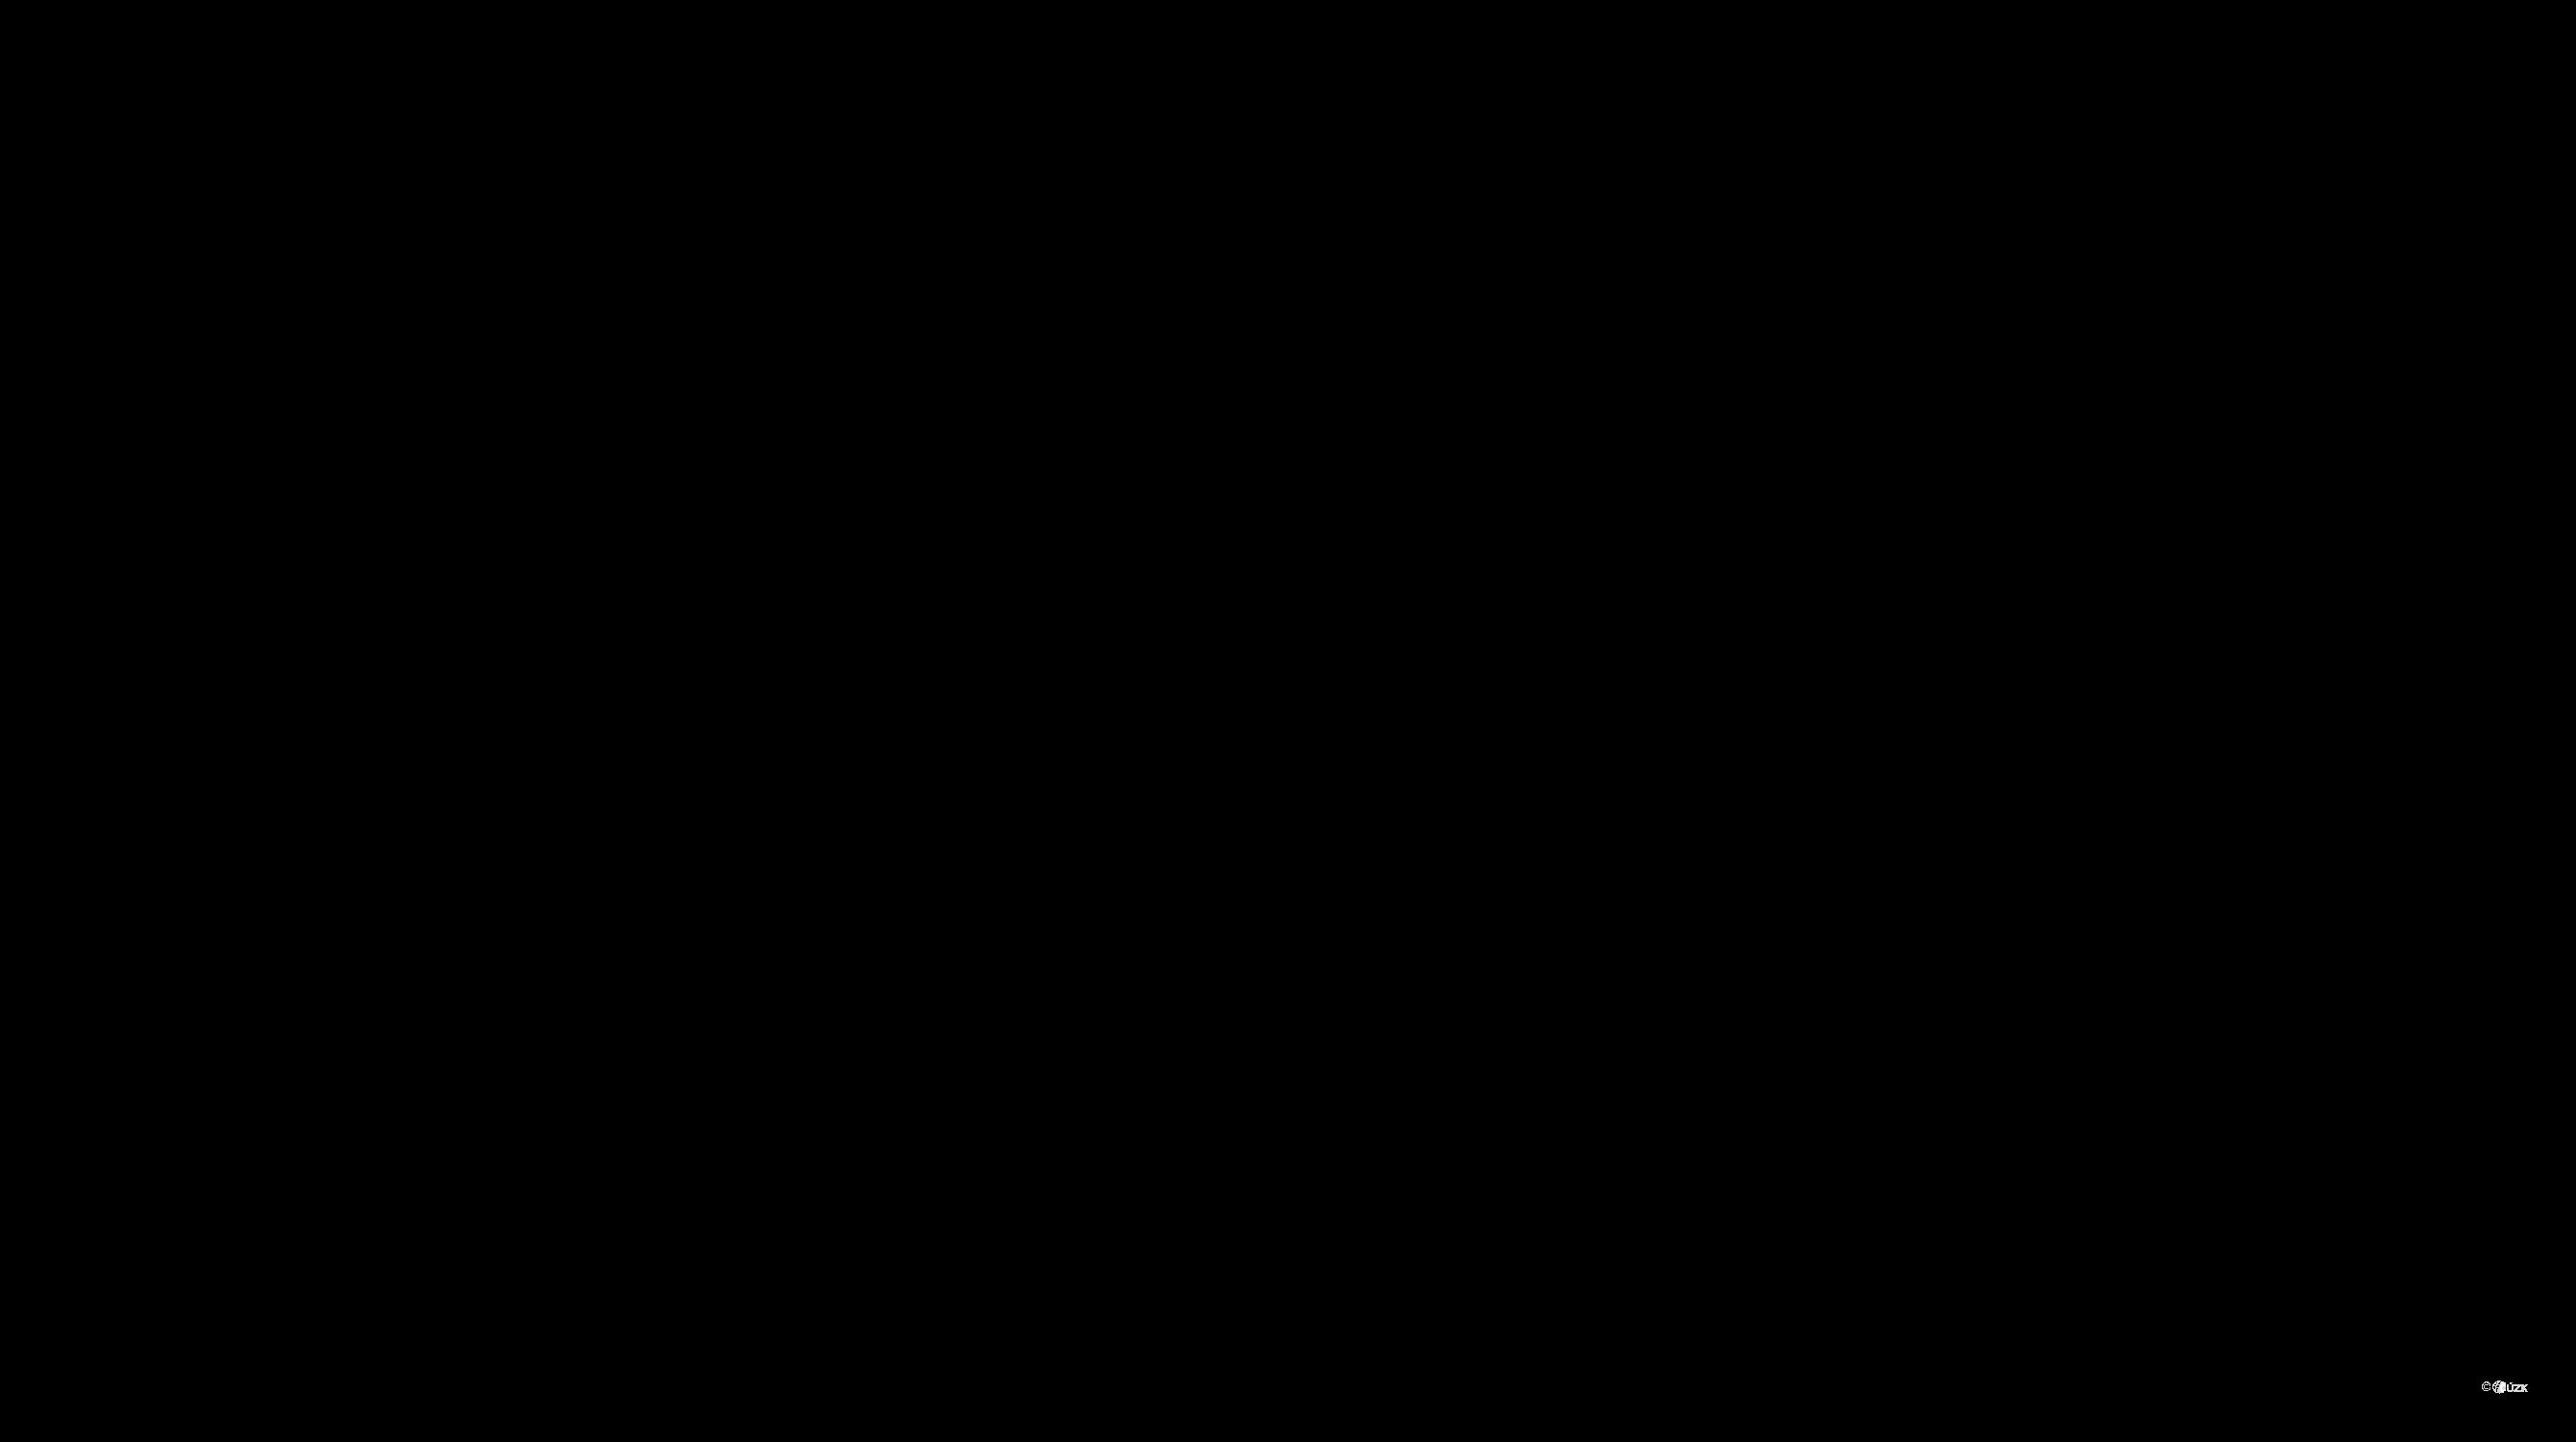 Katastrální mapa pozemků a čísla parcel Slavíkov u Chotěboře